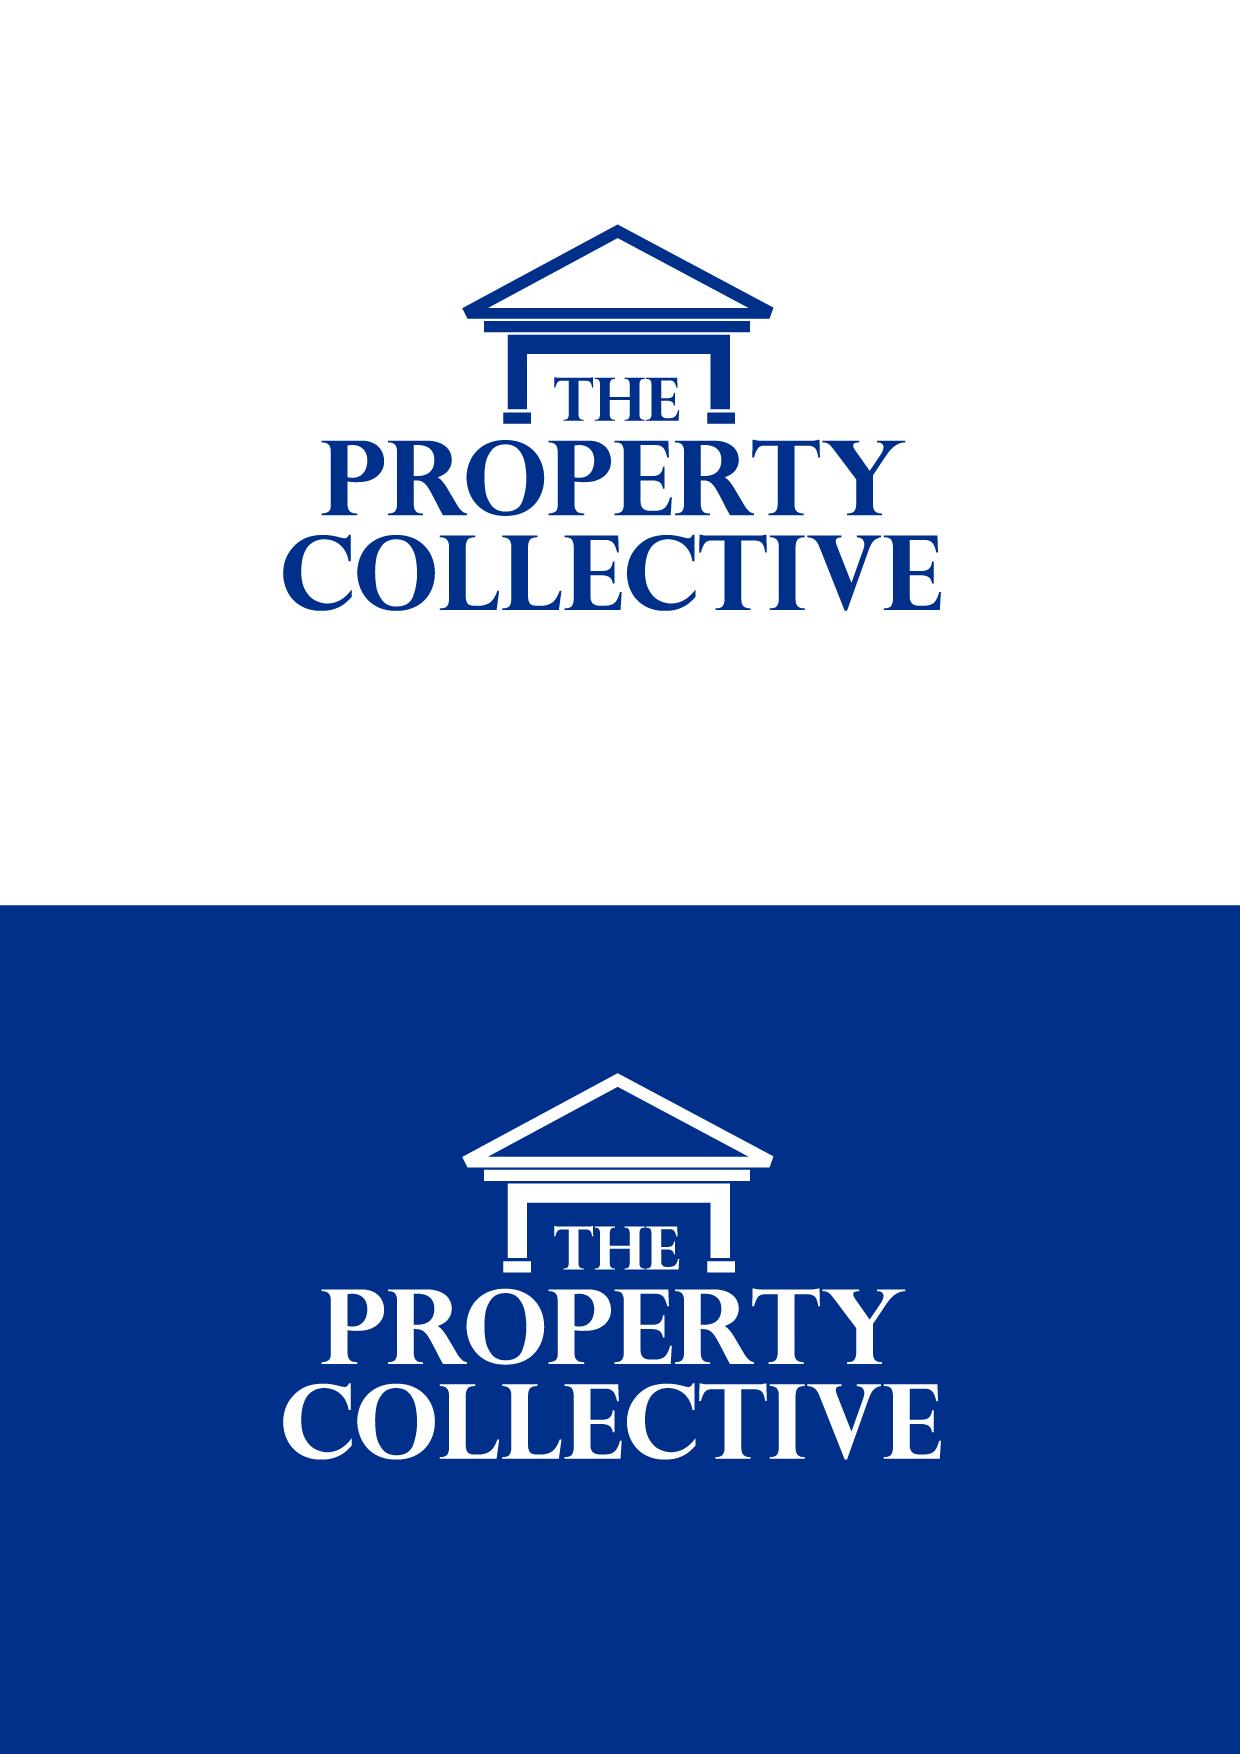 Logo Design by Wilfredo Mendoza - Entry No. 96 in the Logo Design Contest Unique Logo Design Wanted for TPC.